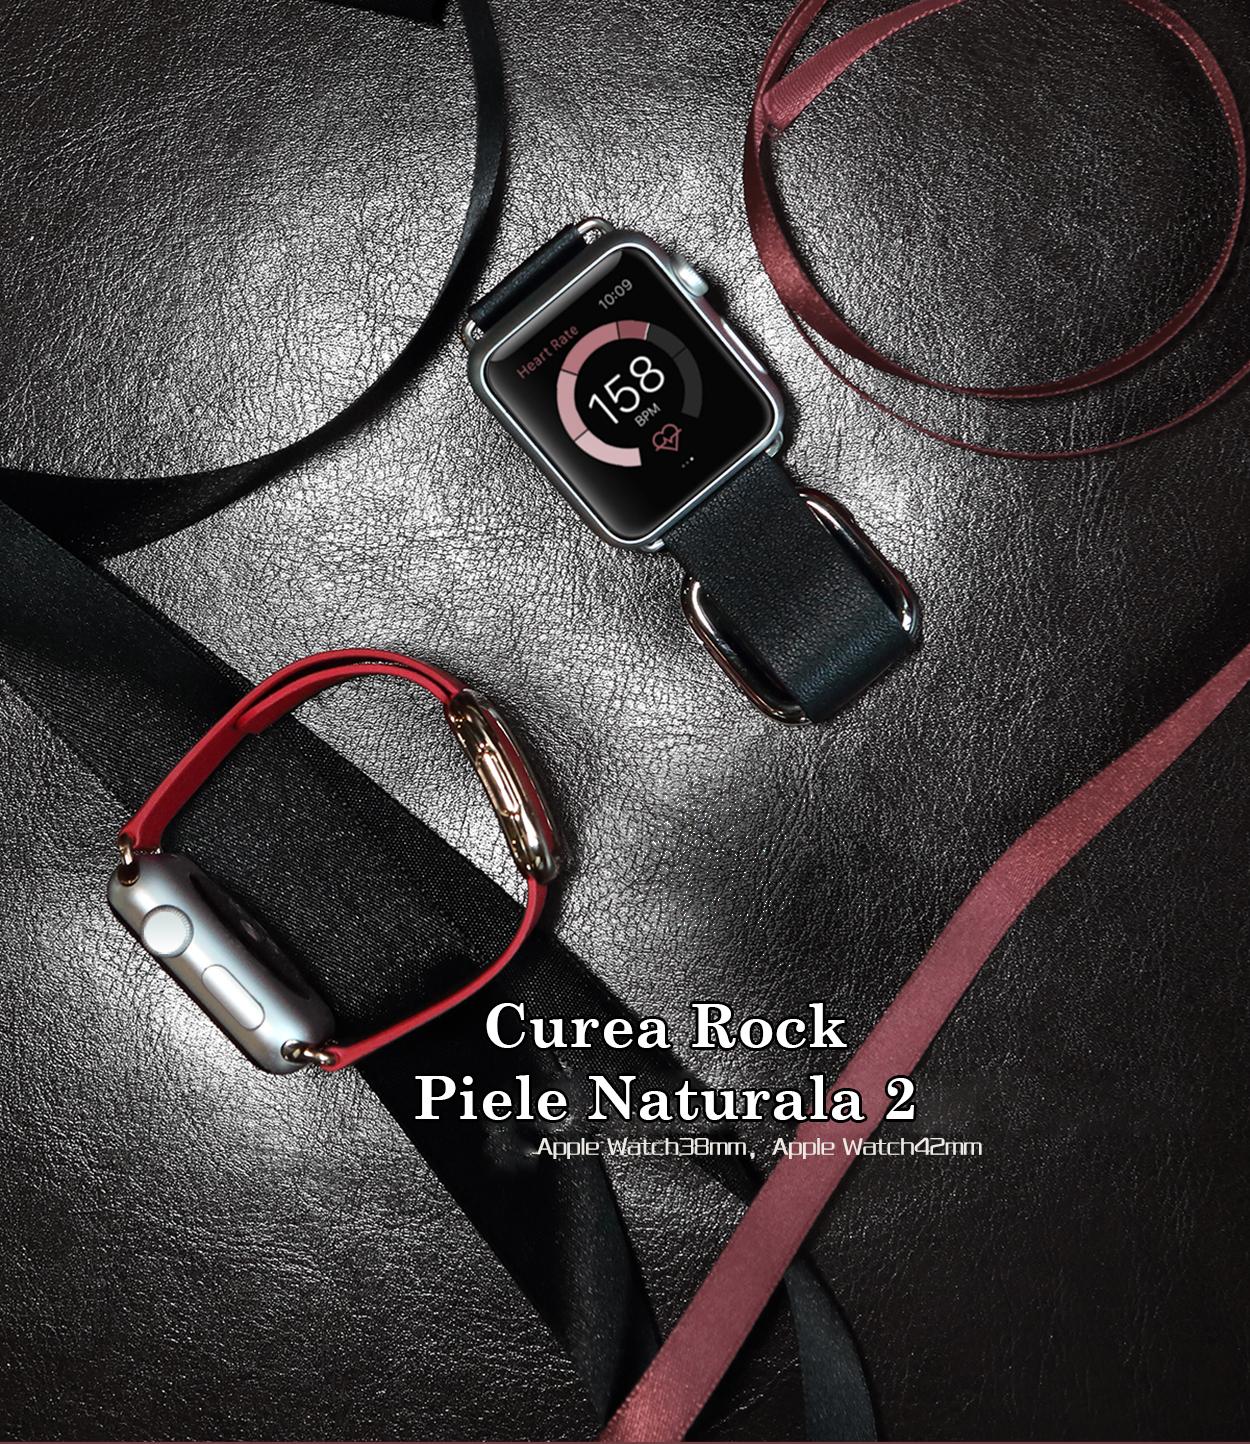 curea-rock-piele-naturala-2--apple-smartwatch